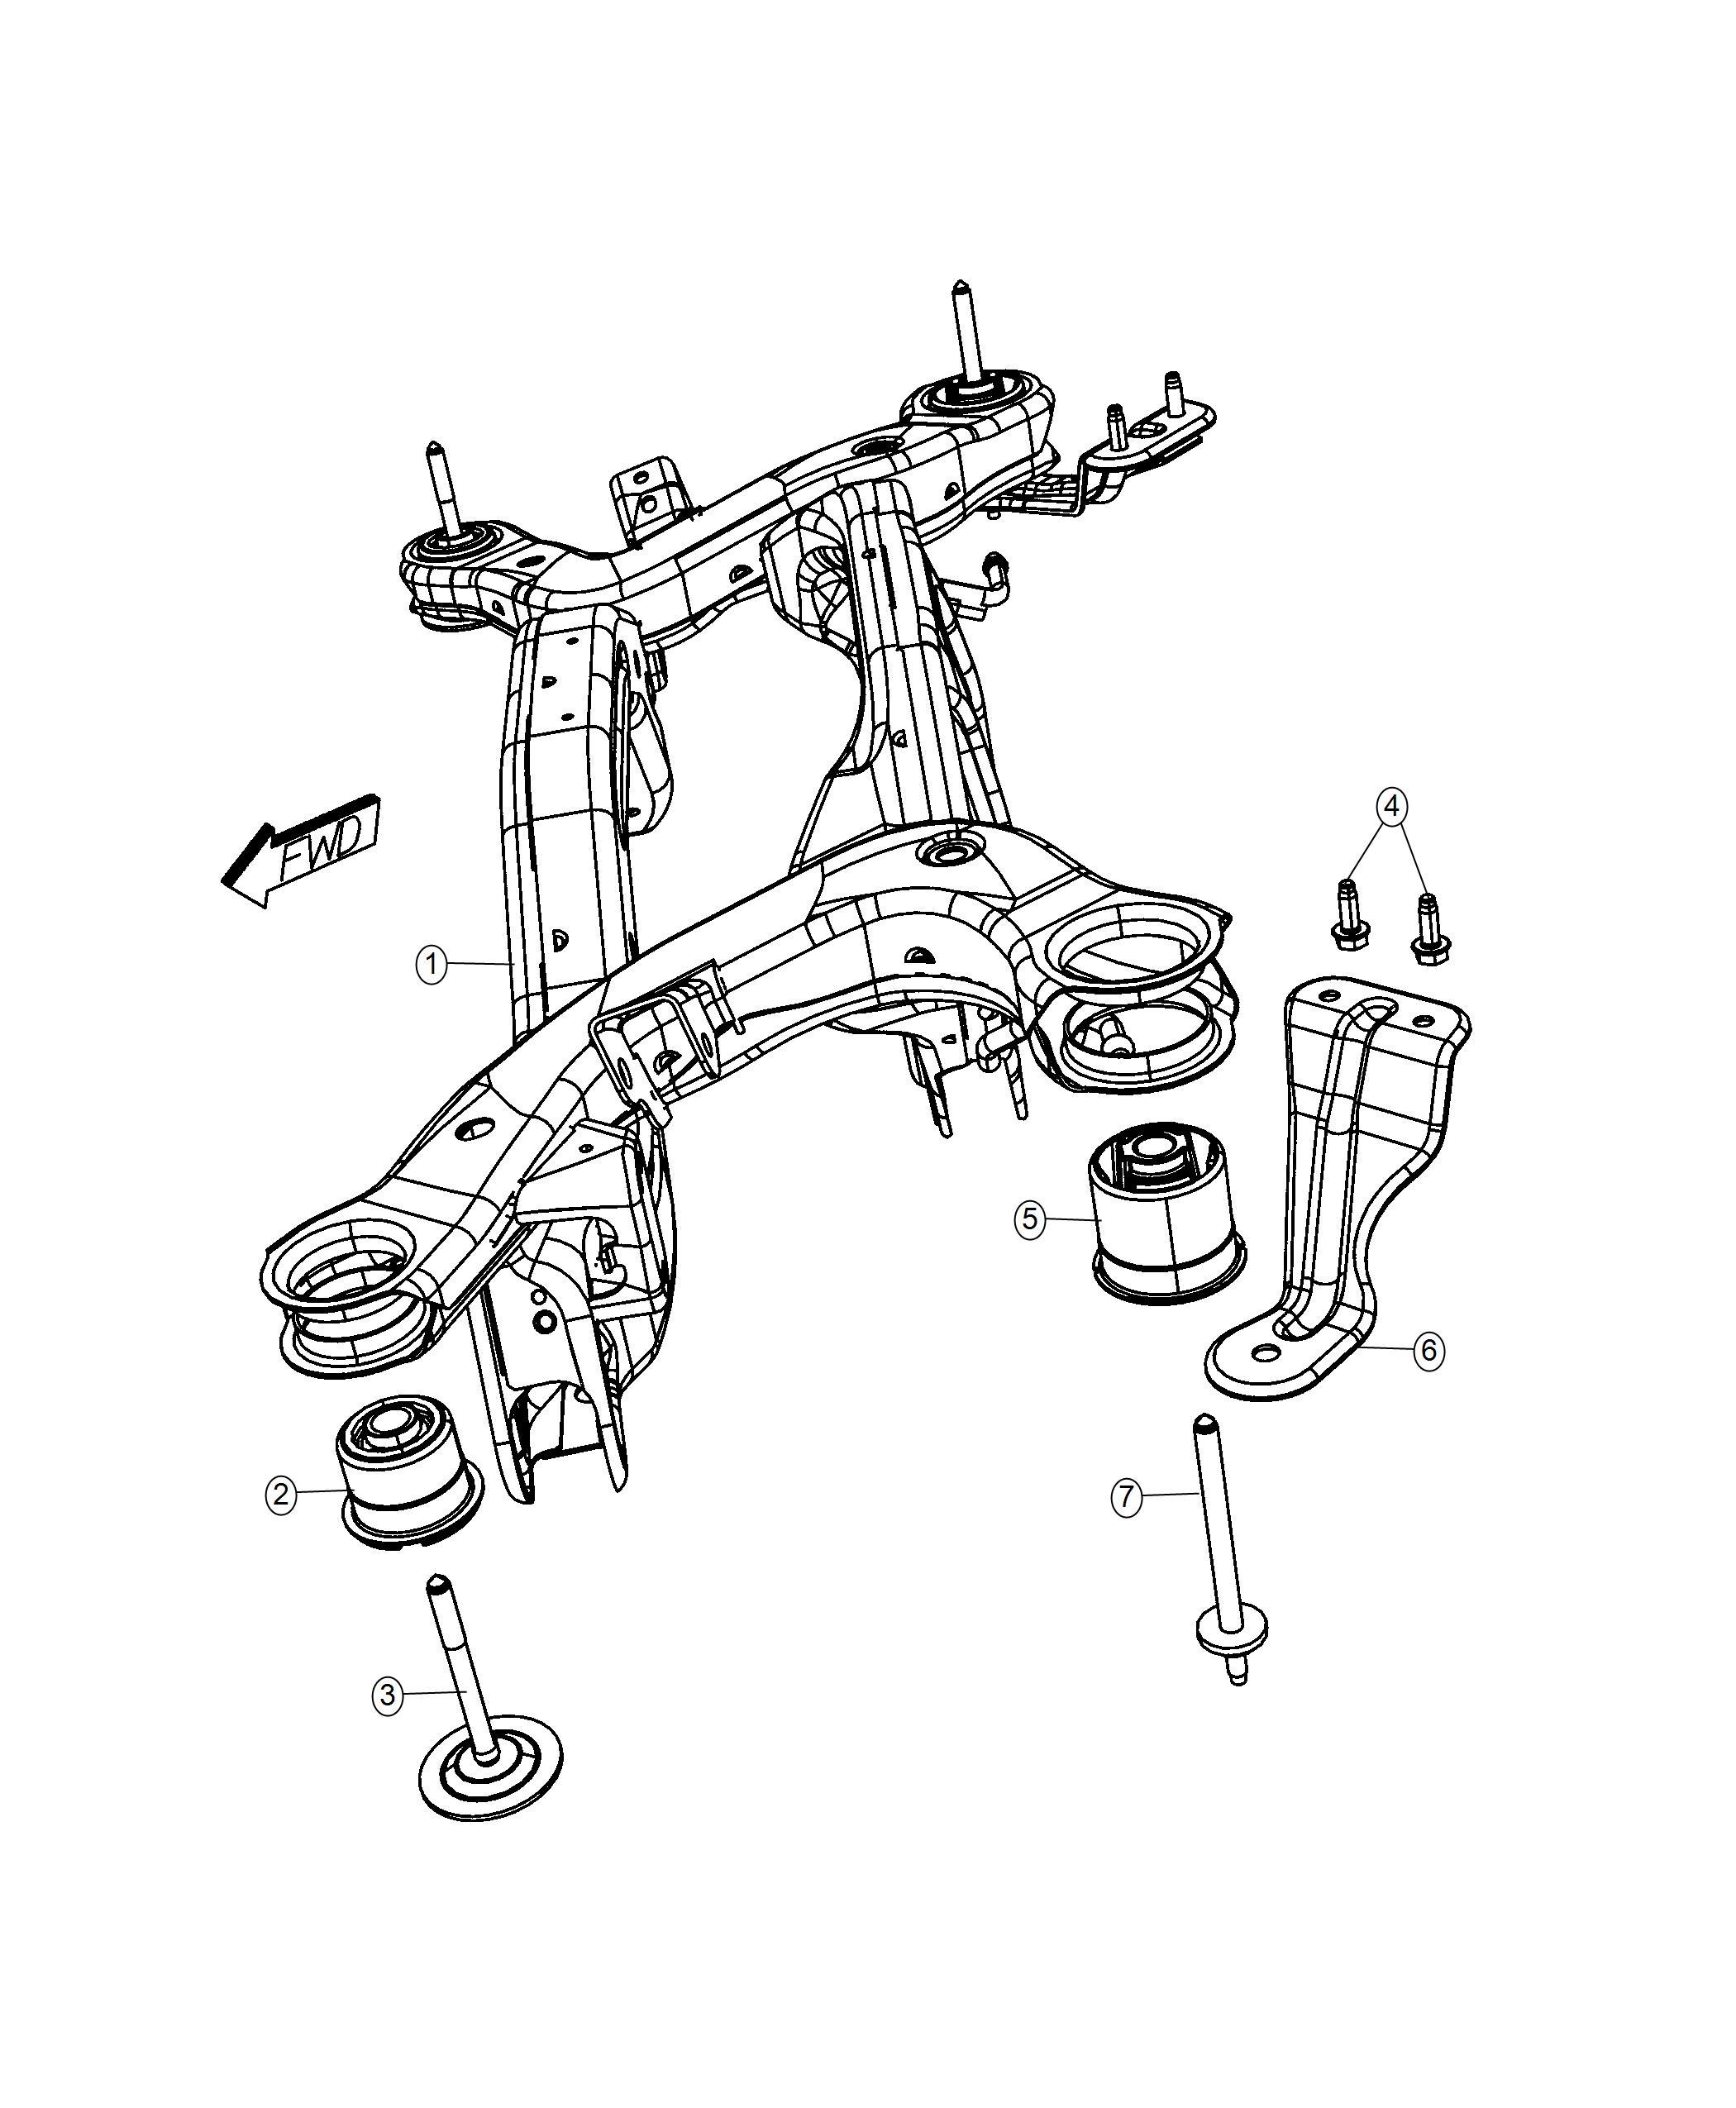 2013 Dodge Journey Crossmember. Rear suspension. After 12